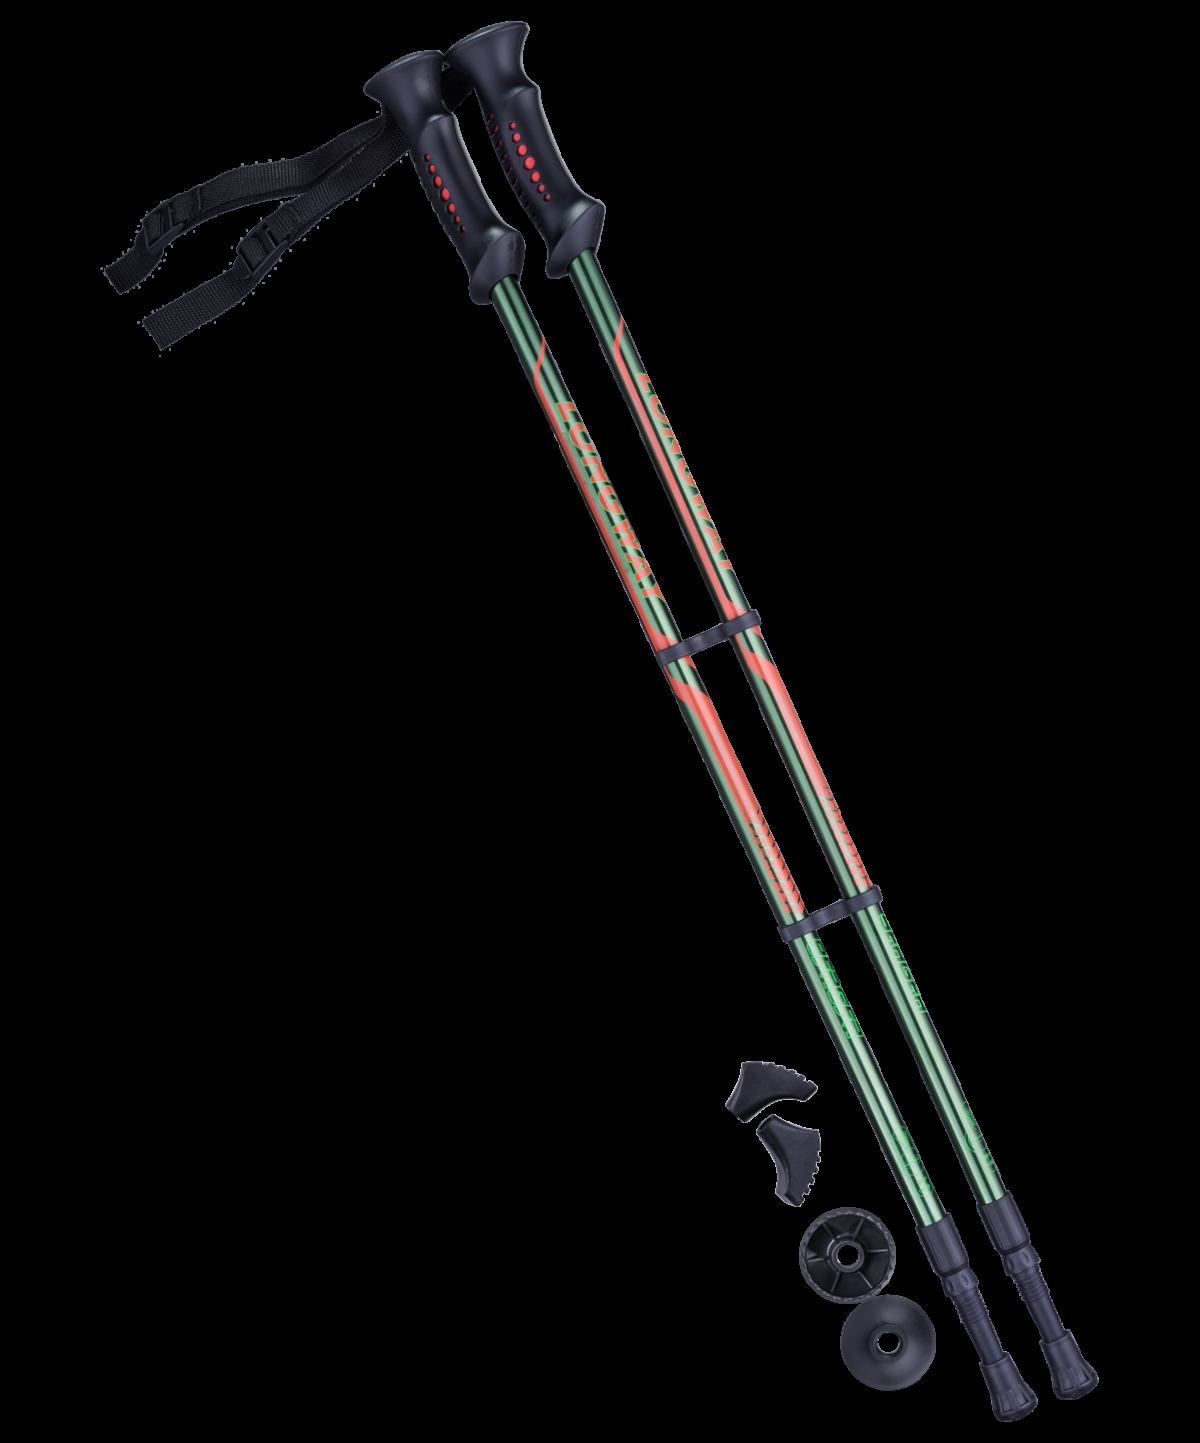 BERGER Longway Палки для скандинавской ходьбы зеленый/оранжевый, 77-135 см - 1